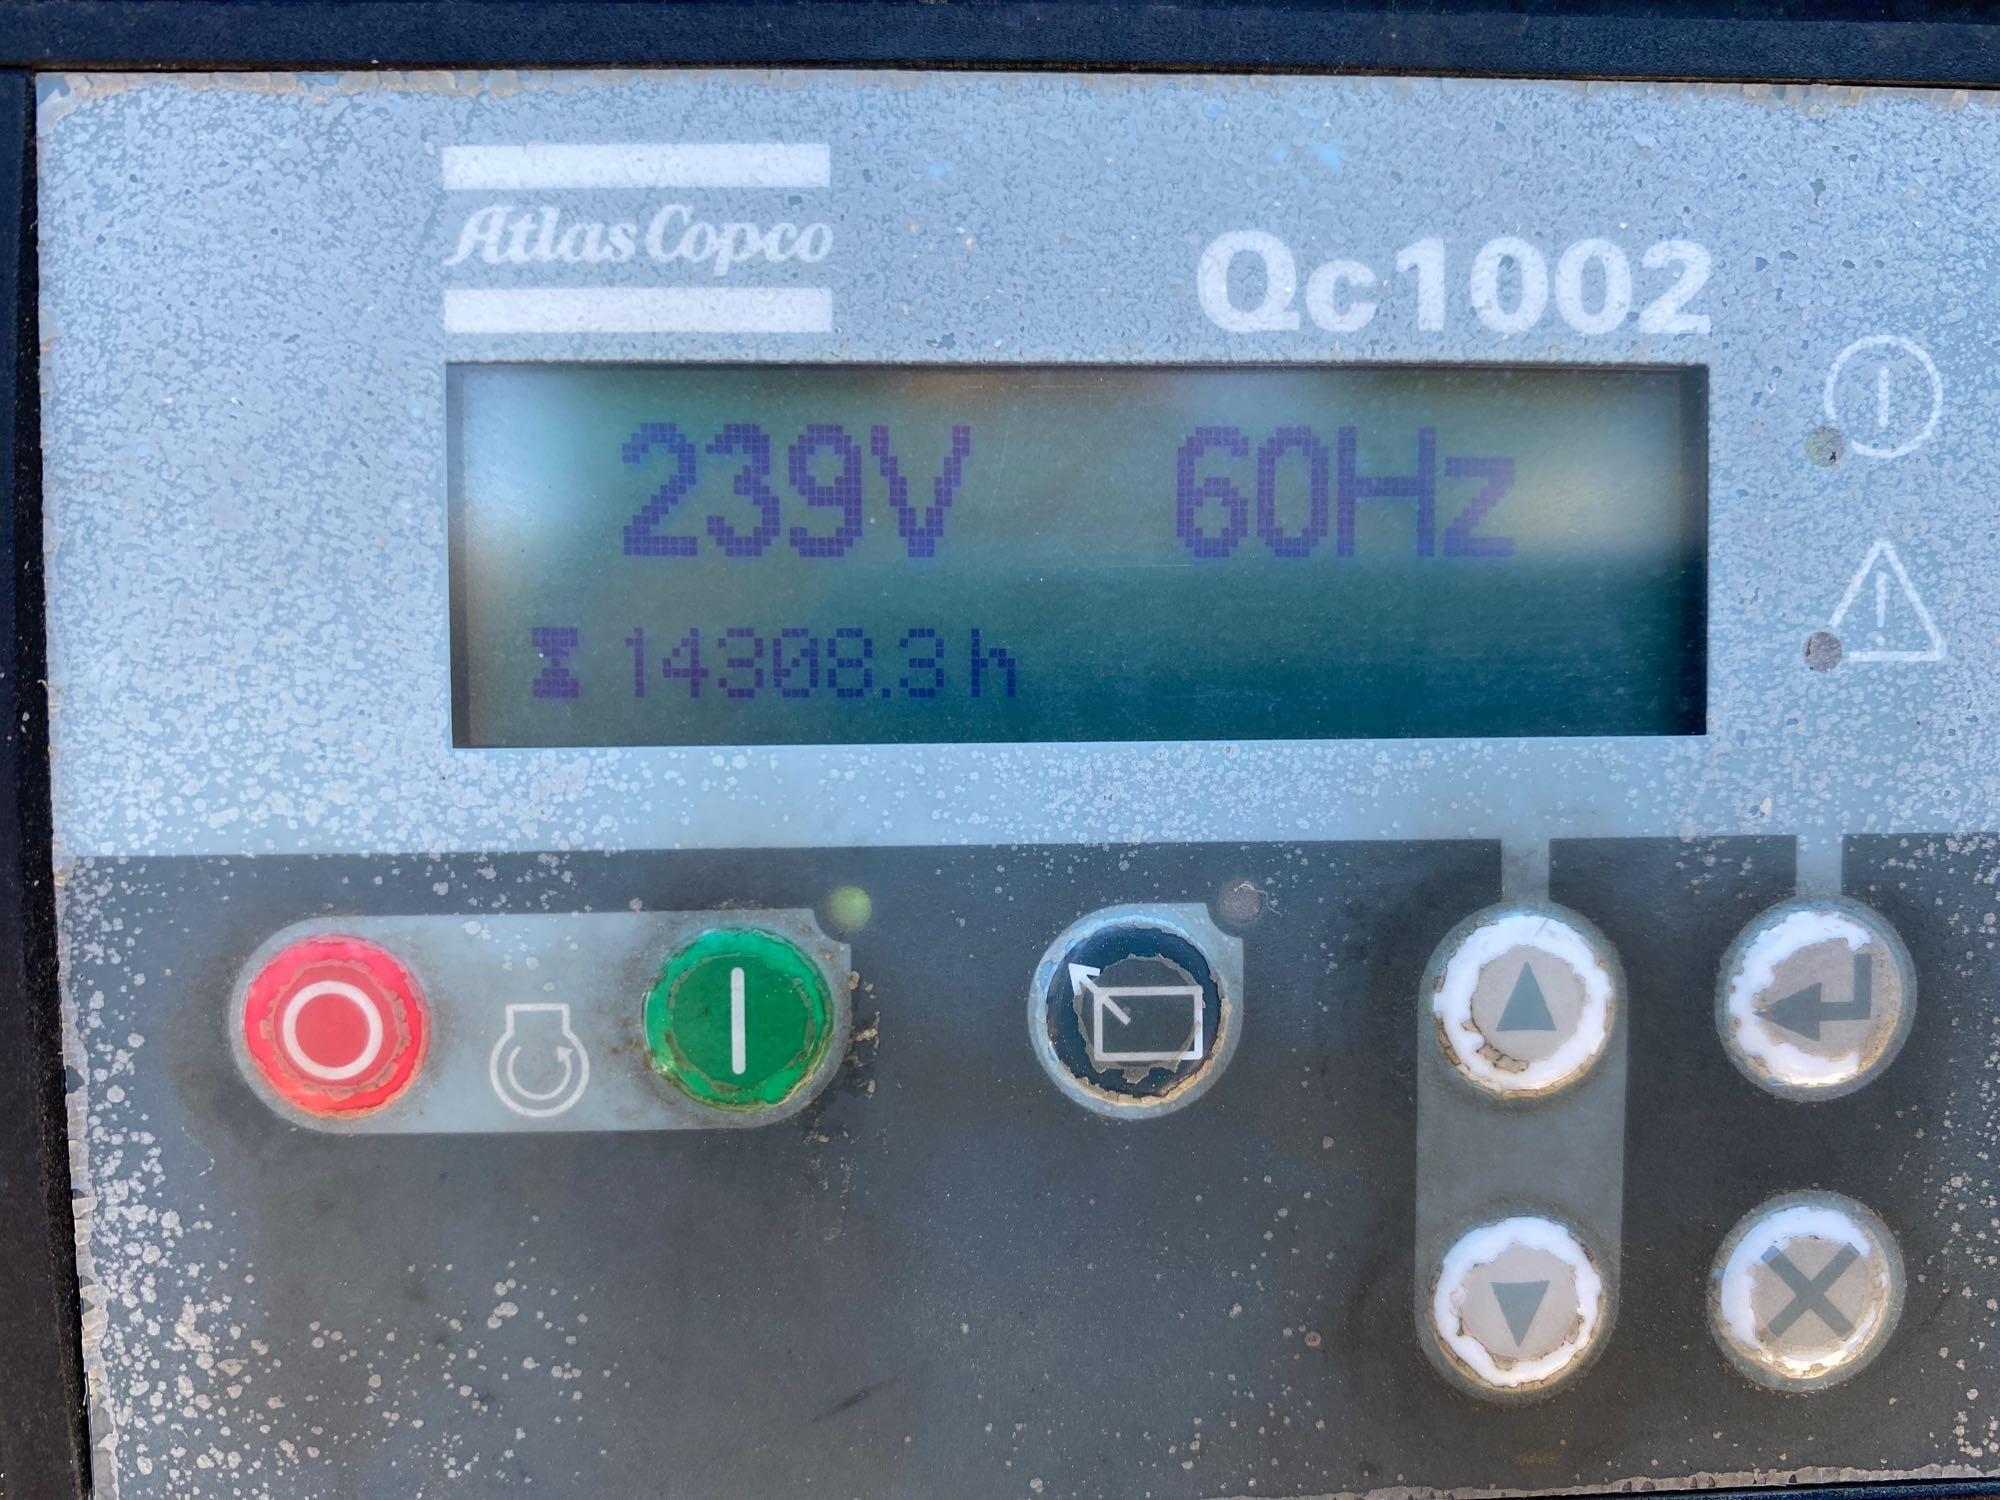 2010/2011 CPG70 JD, JOHN DEERE DIESEL GENERATOR, 56KW, 70KVA, 120/240, 480/240/208, TANDEM AXLE, BUI - Image 11 of 13